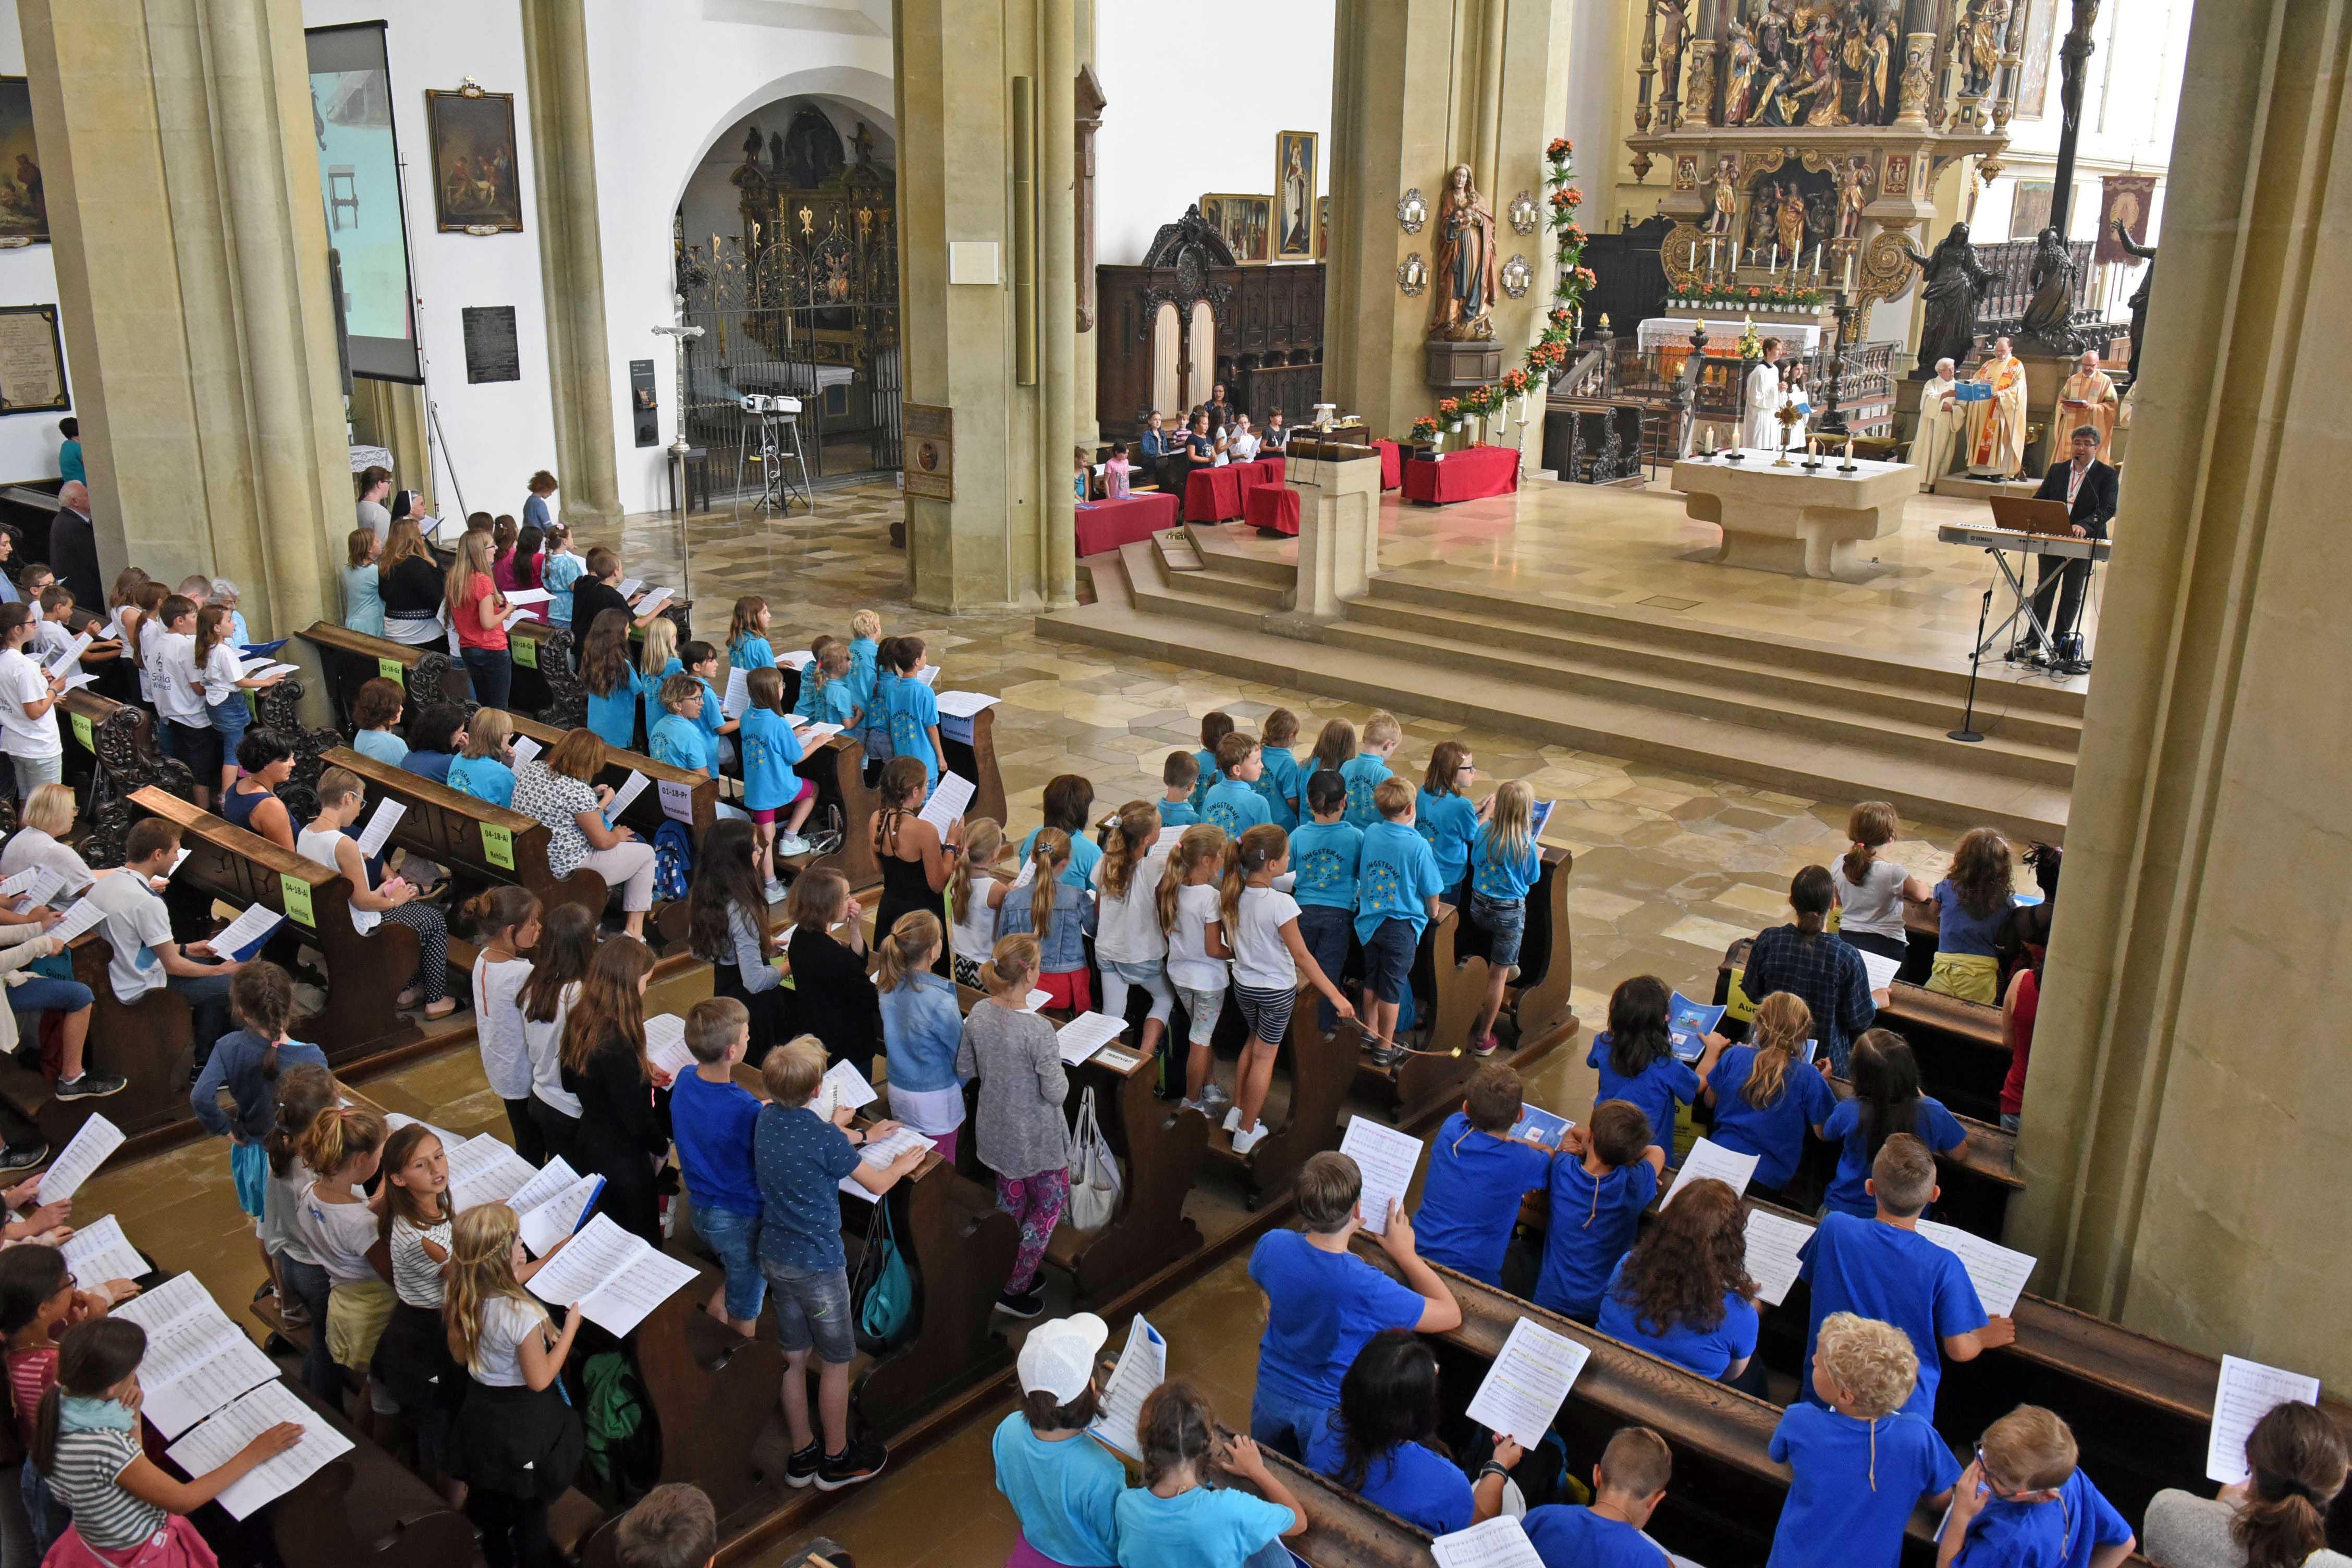 Beim Kinderchortag wuchsen 21 Kinderchöre zu einem großen Chor zusammen (Fotos: Simone Zwikirsch / pba)